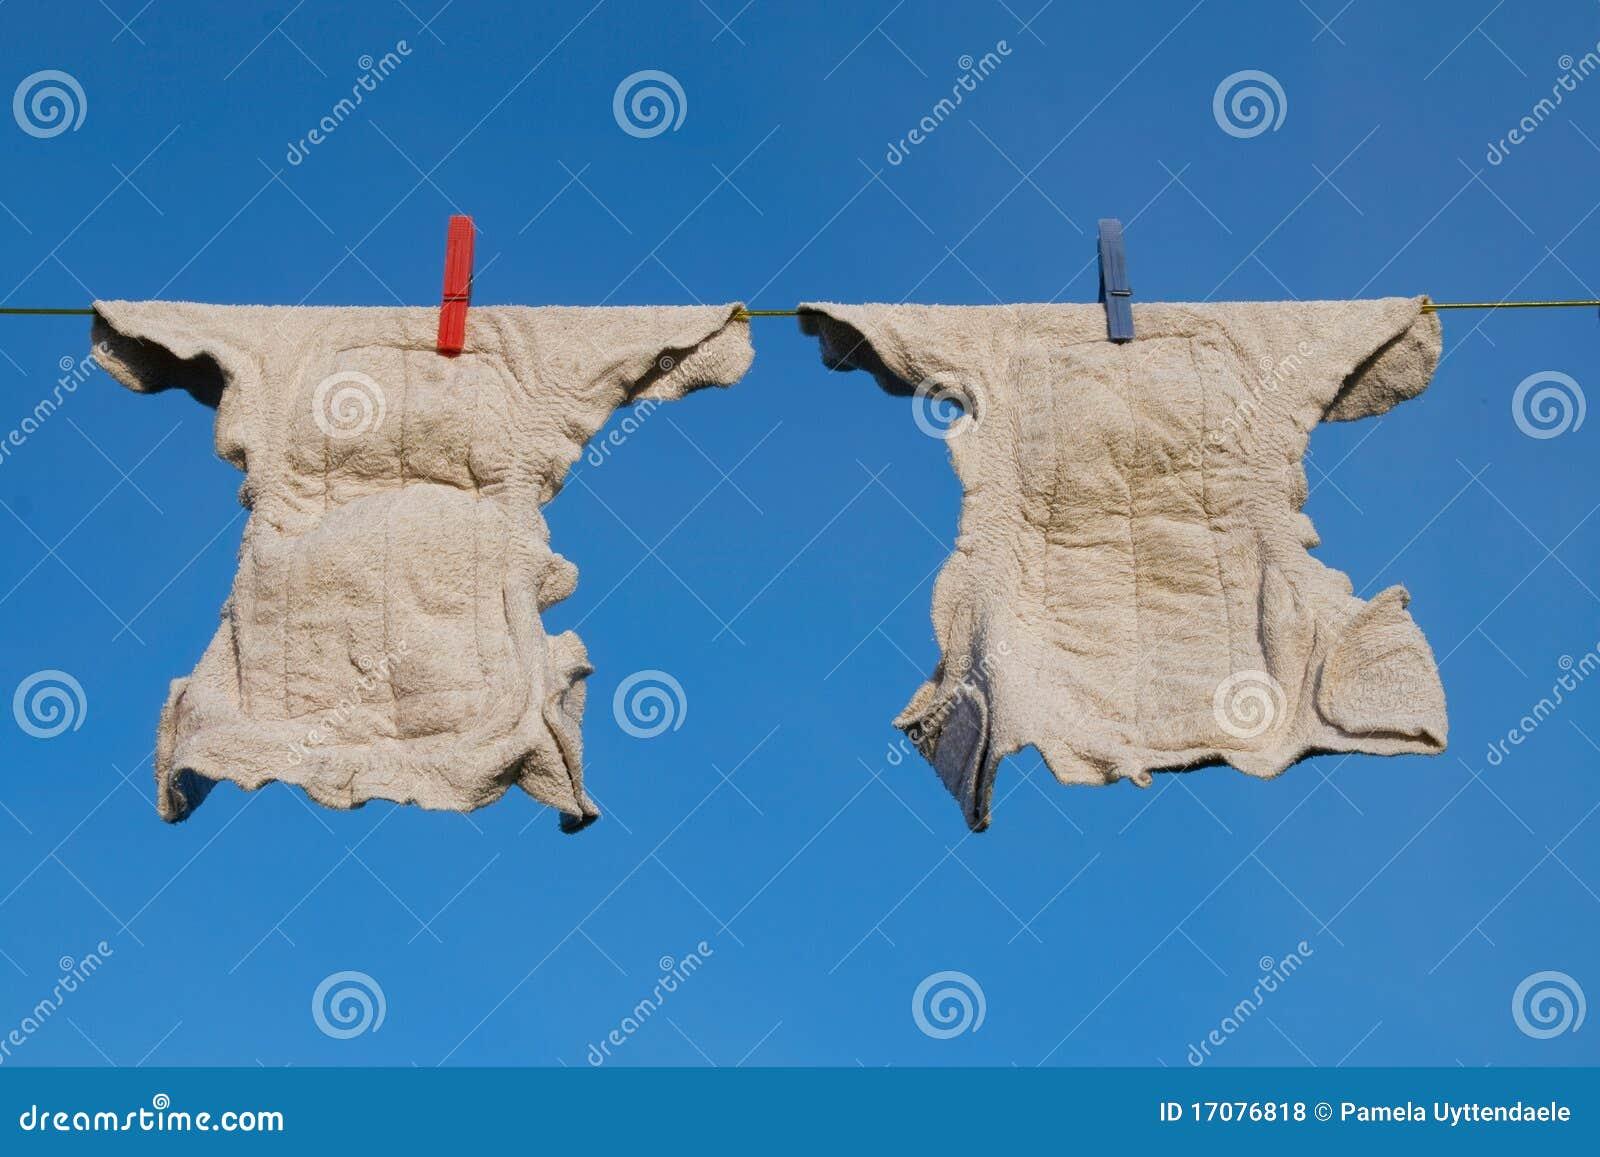 Windeln auf einer Kleidungzeile